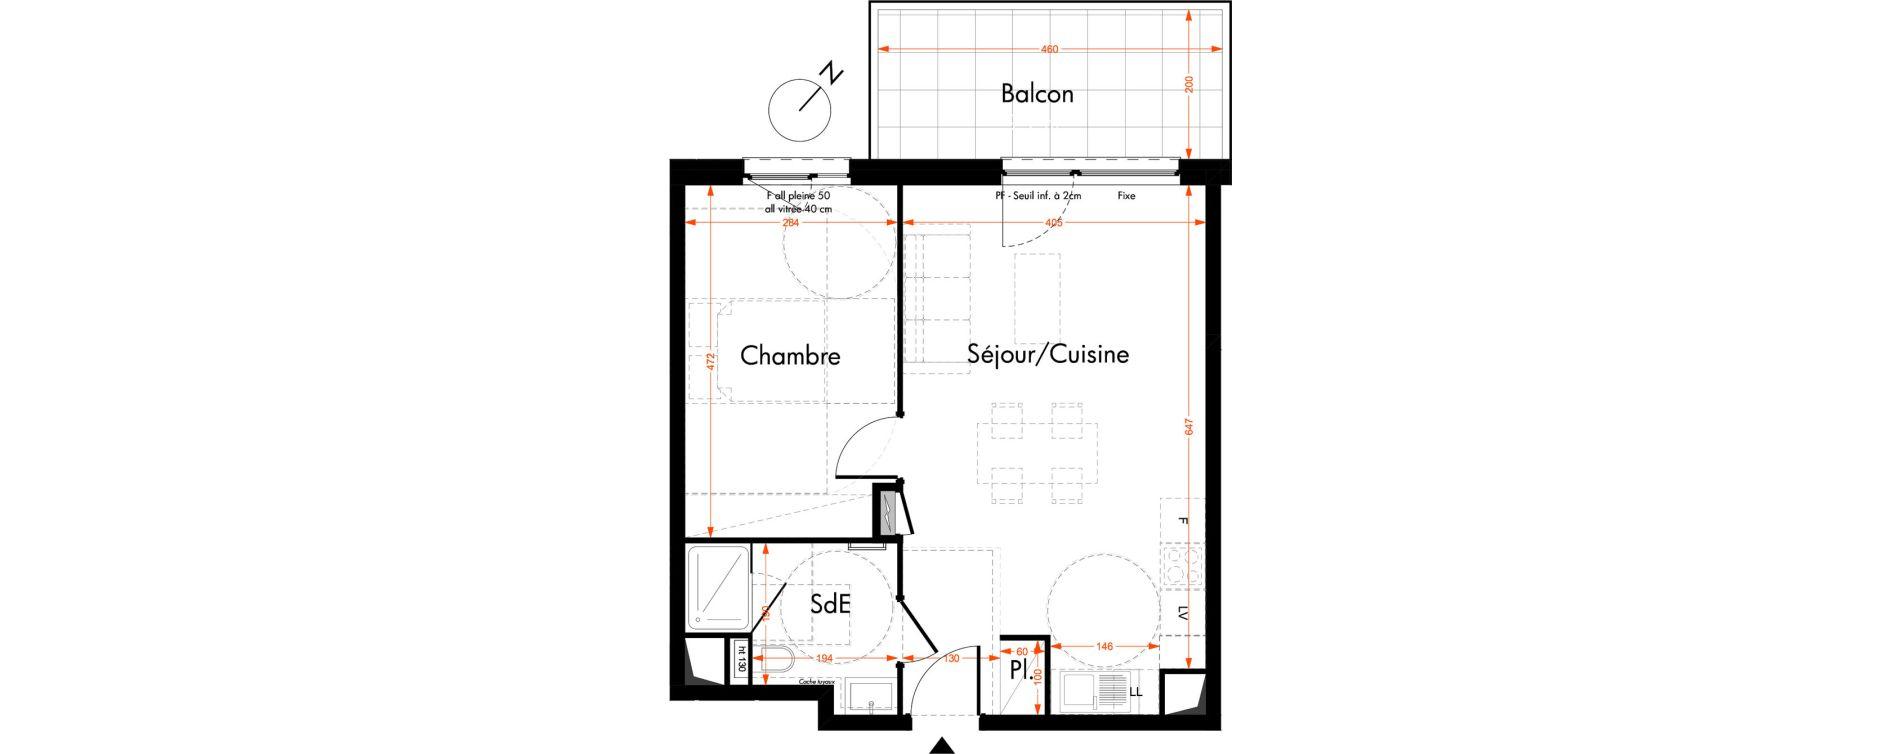 Appartement T2 de 46,40 m2 à Oberhausbergen Centre